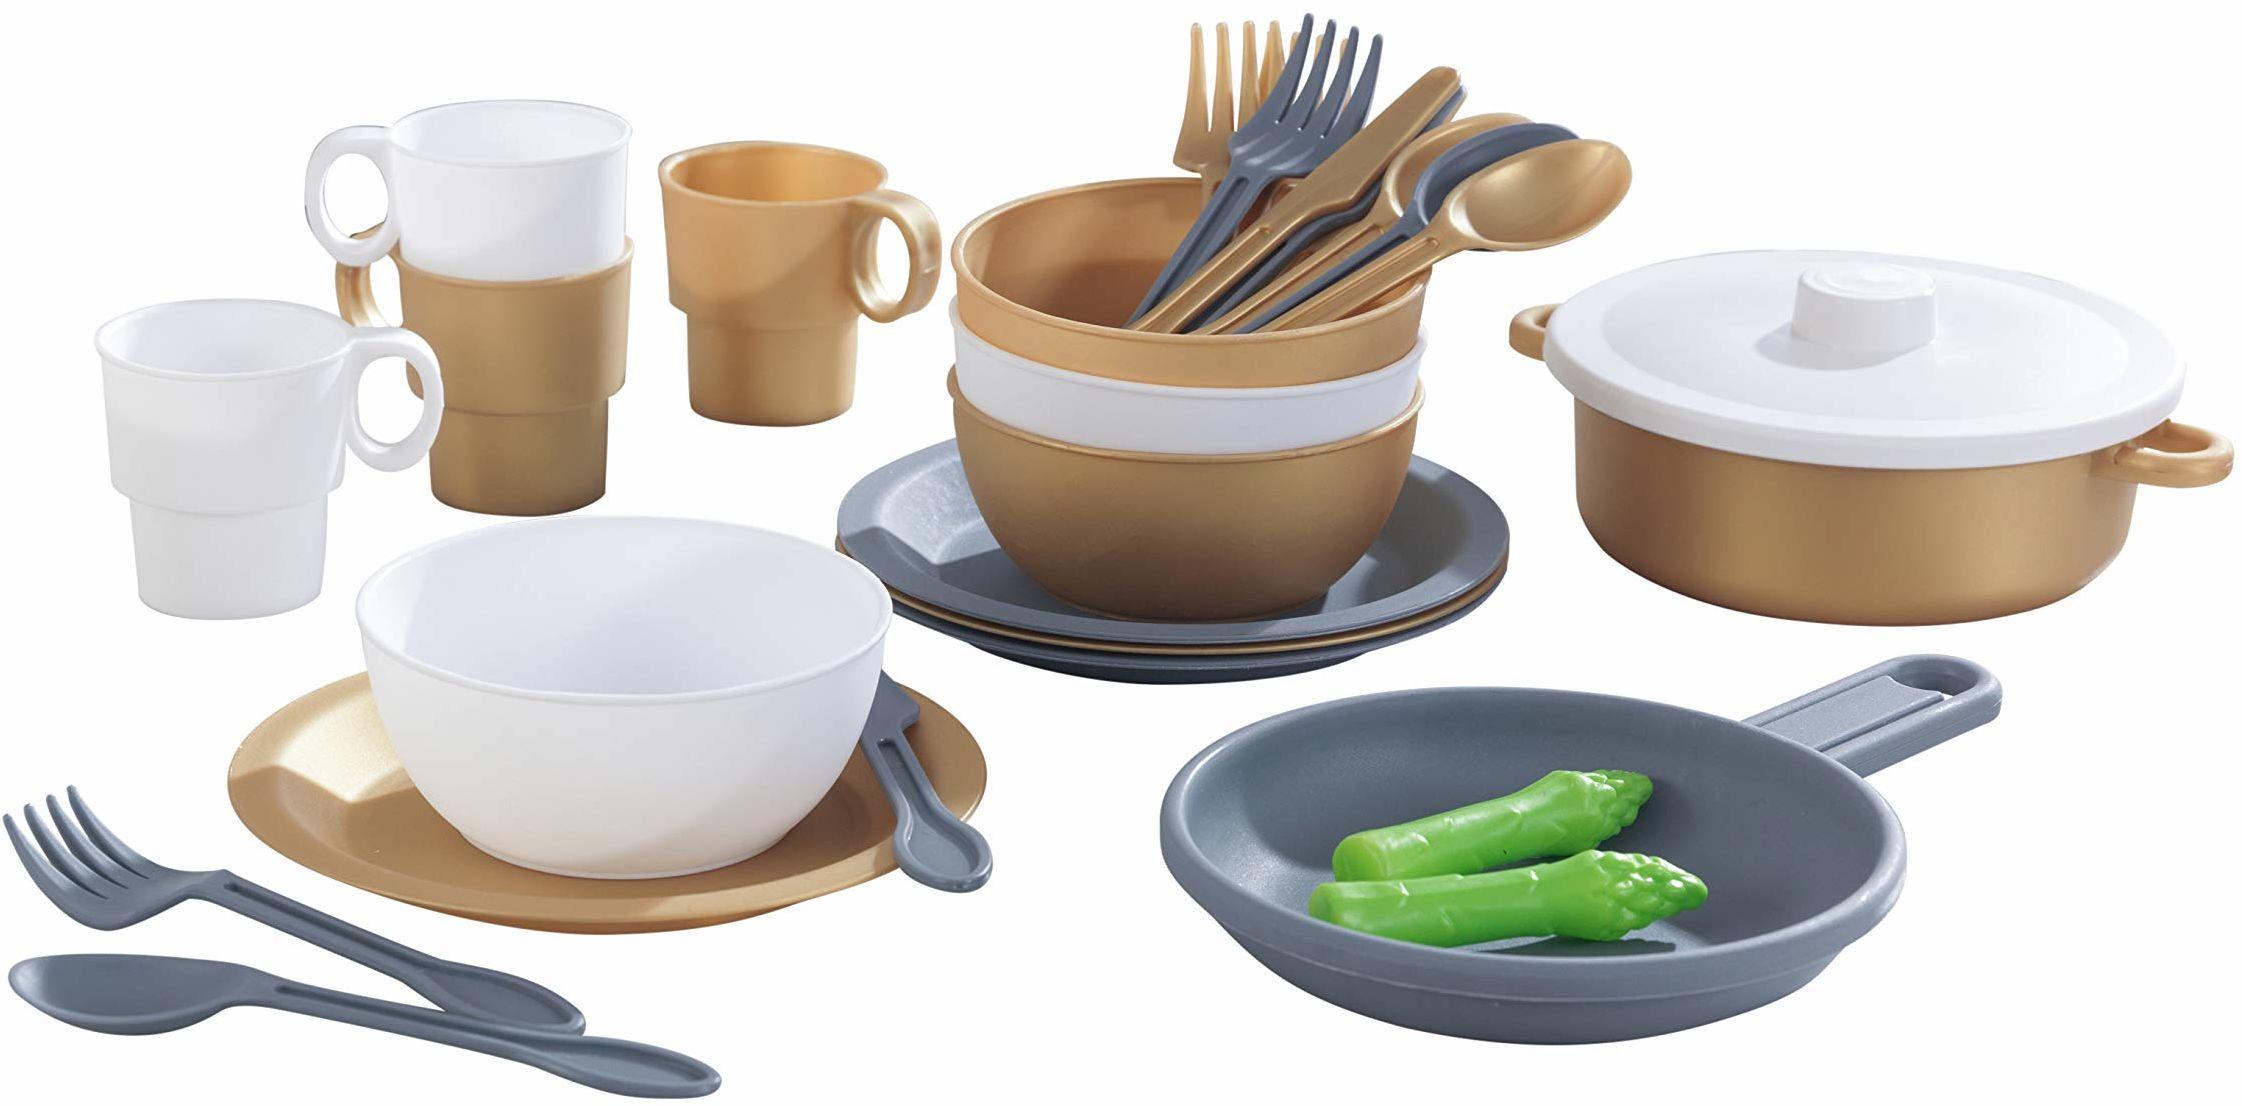 KidKraft 63532 27-częściowy zestaw kuchenny o szlachetnym metalicznym wyglądzie